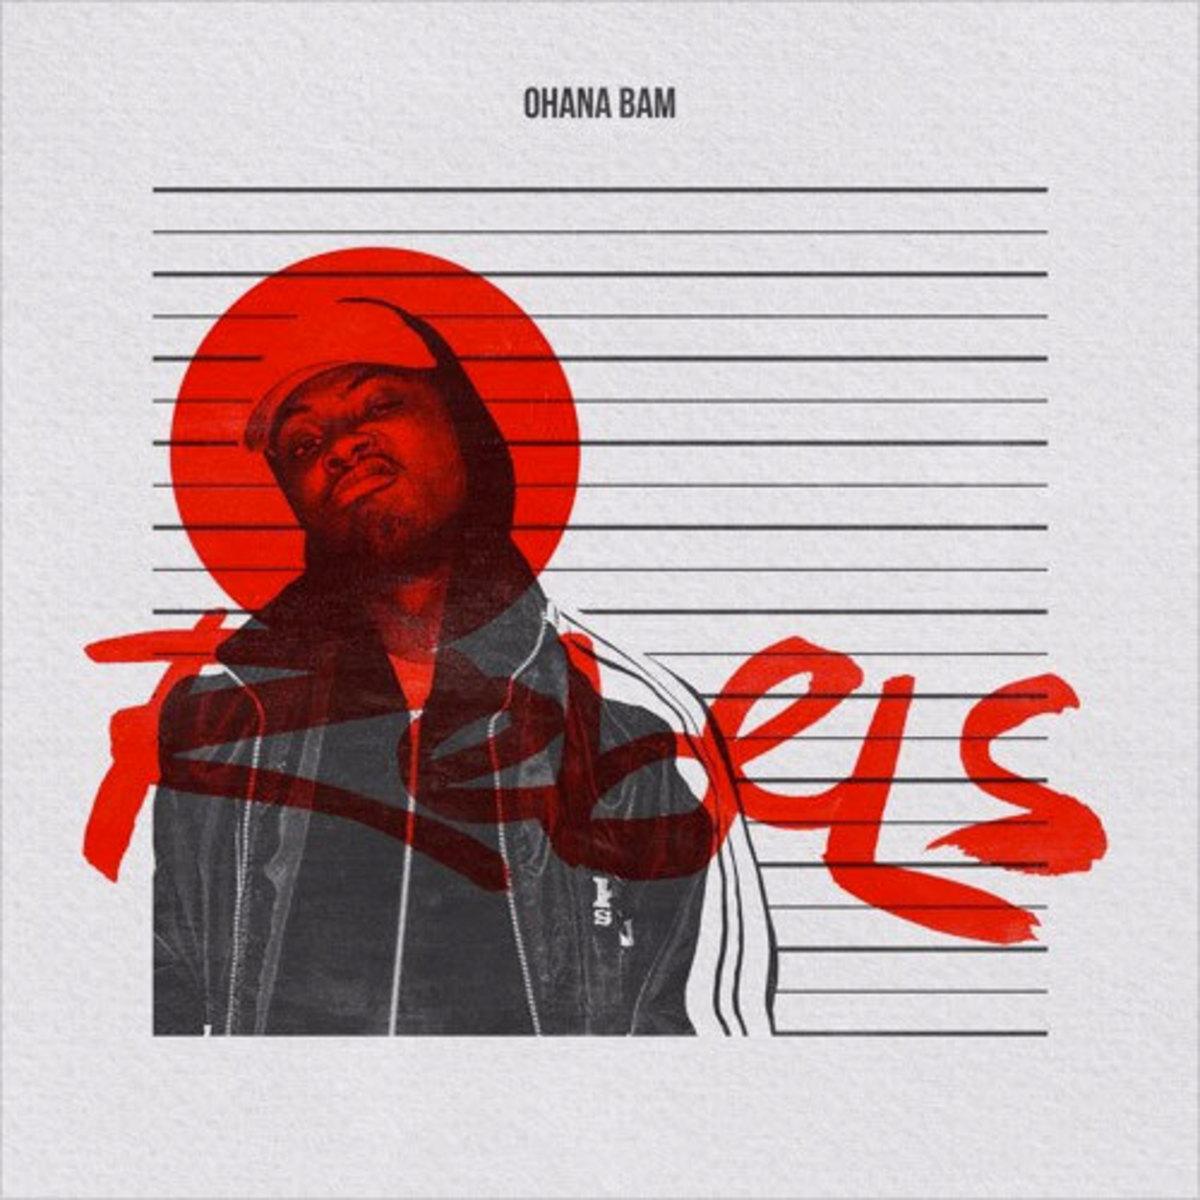 ohana-bam-rebels.jpg